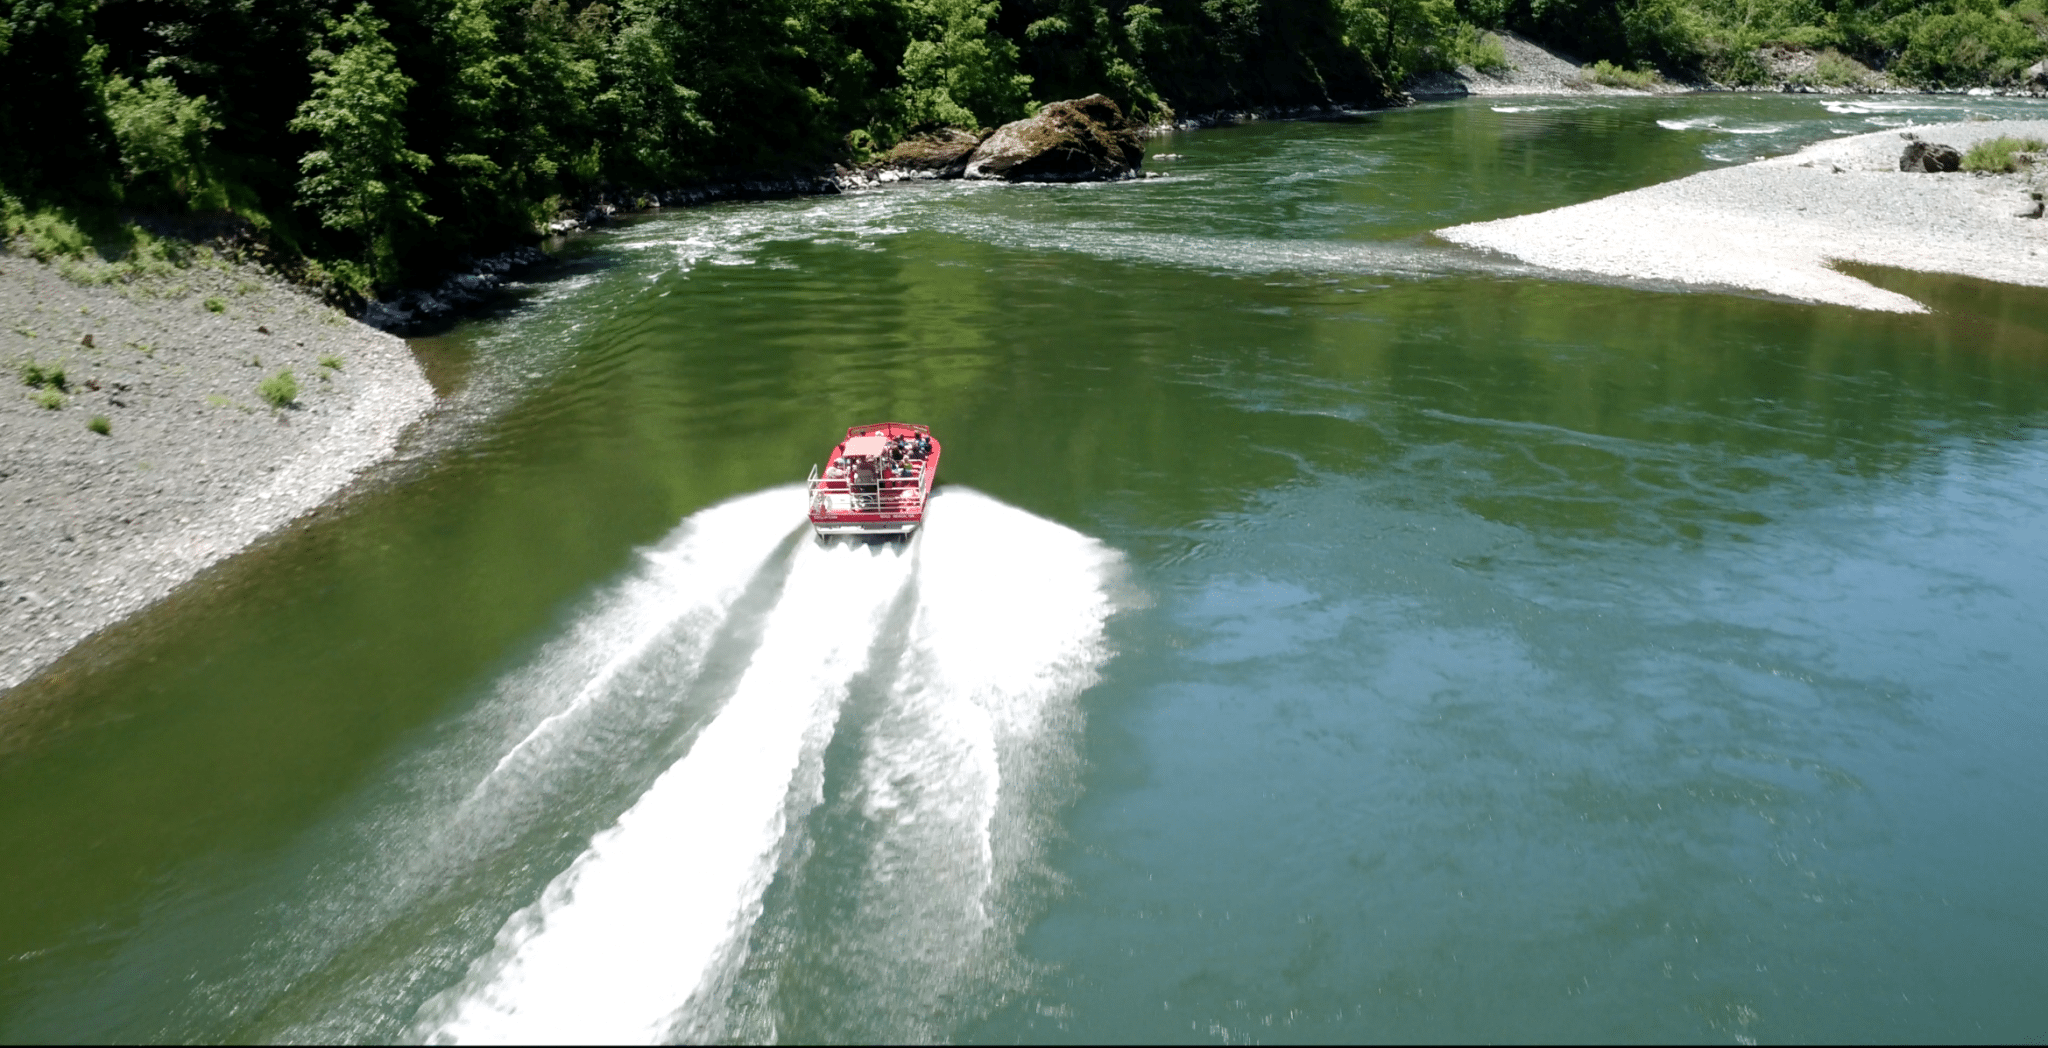 rogue-river-jet-boats-oregon